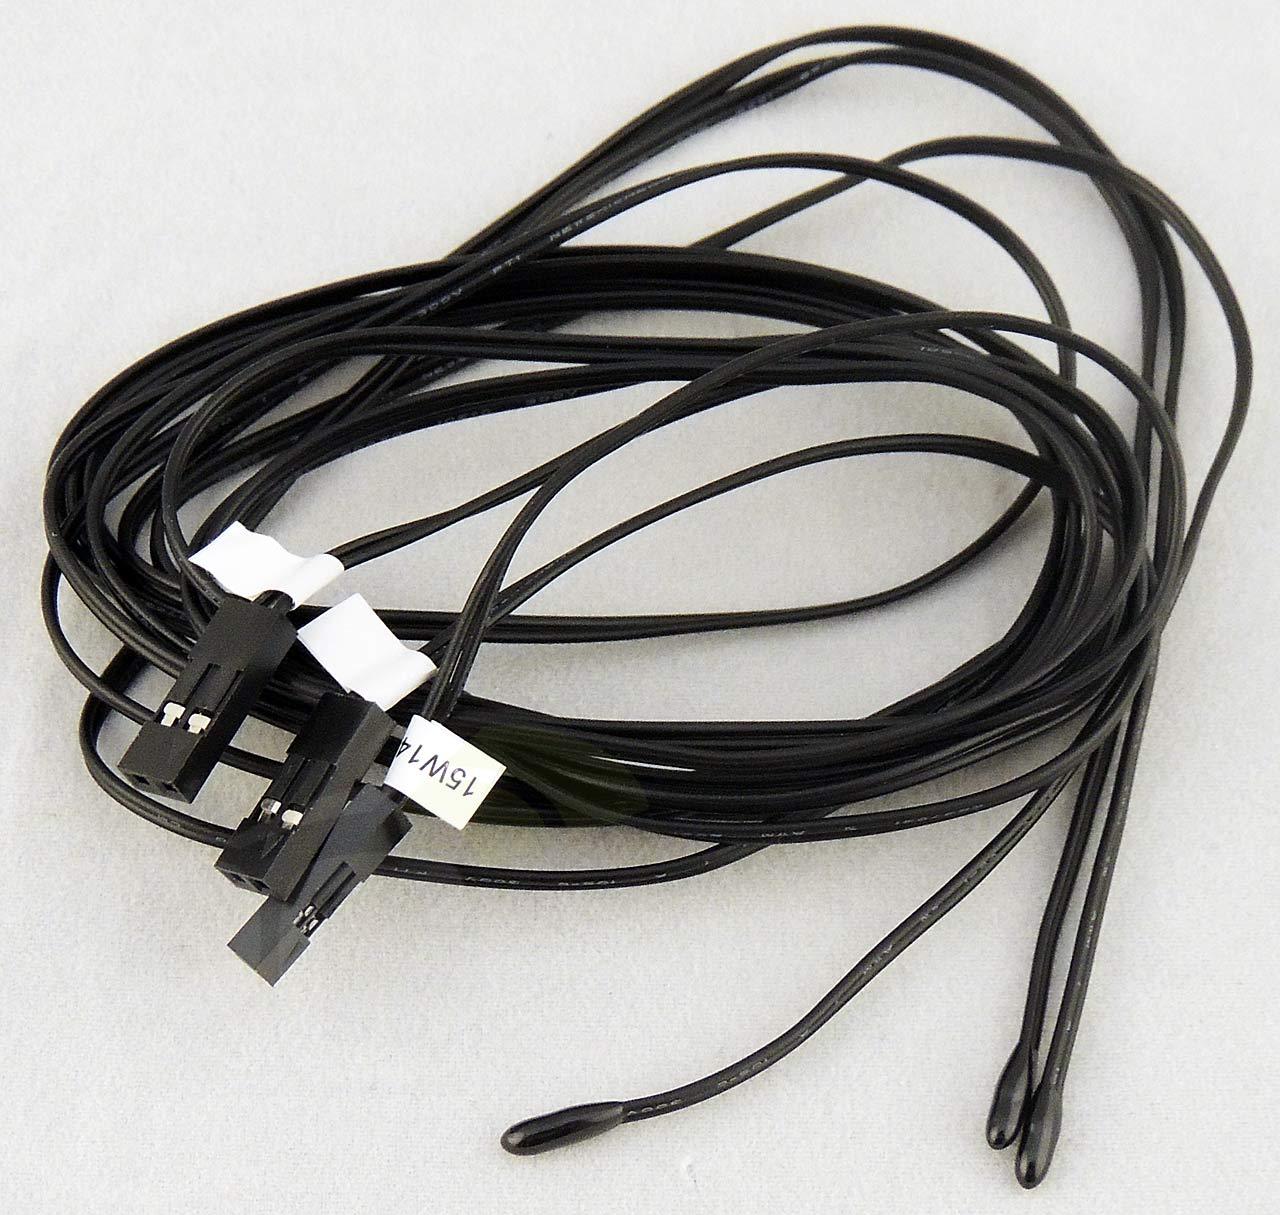 23-temp-cables.jpg